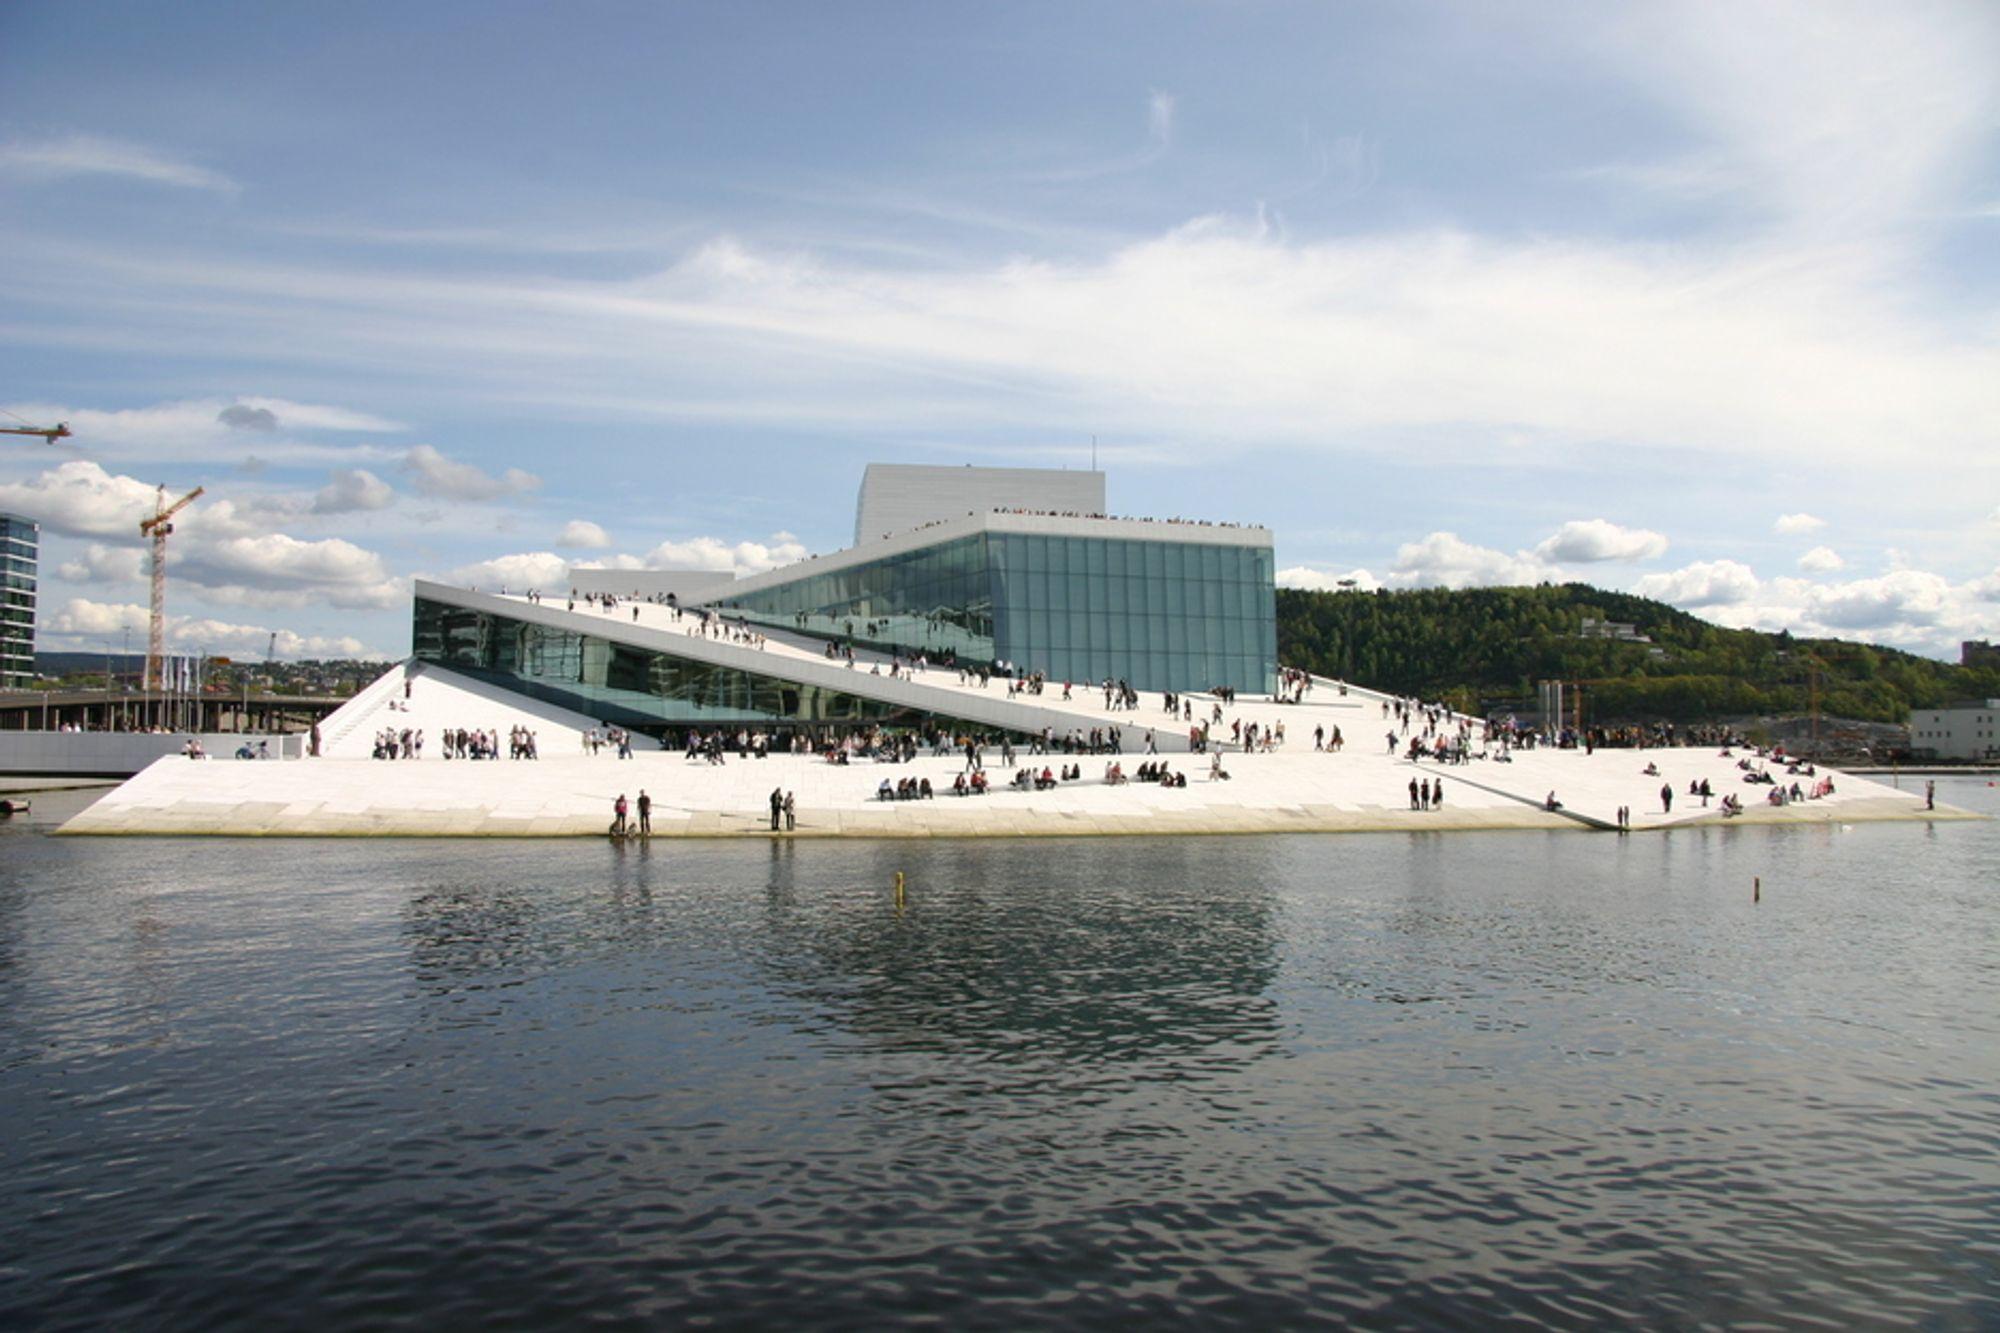 """SYMBOLSK: Operaen i Bjørvika skrur av lyset under """"Earth Hour"""". Men kampanjen får bokstavelig talt liten effekt, for lys er en marginal del av nordmenns energiforbruk. Hafslund tror elnettet takler lyseslokkerne greit."""